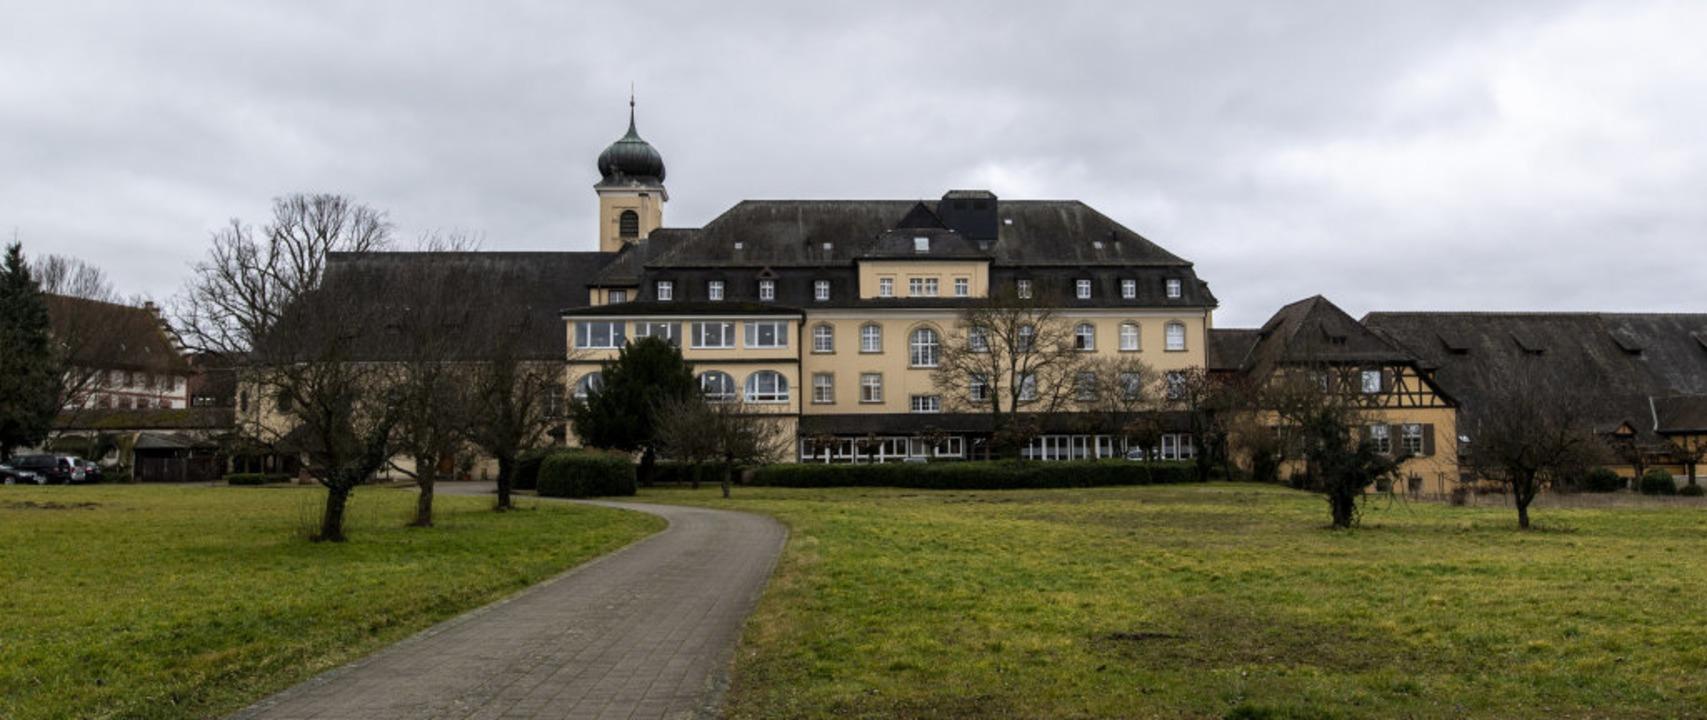 Das Malteserschloss in Heitersheim sor...tzt für viel Aufregung in Heitersheim.    Foto: Patrick Seeger (dpa)